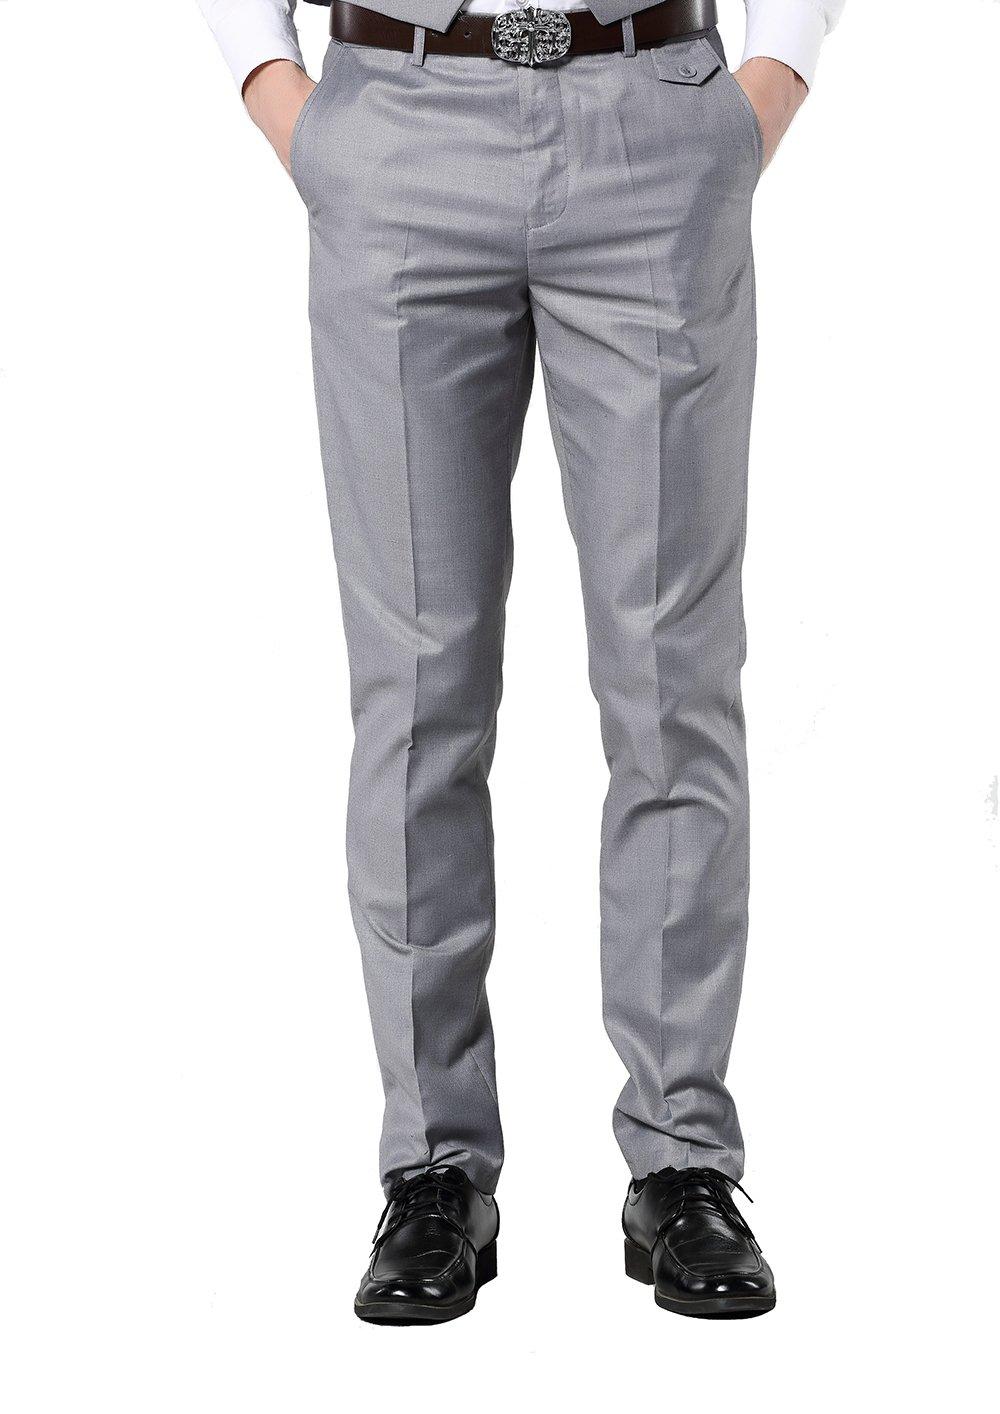 UNINUKOO Men's Colorful Casual Suit Pants Slim Fit US Size 33 (Label Size L) Light Grey